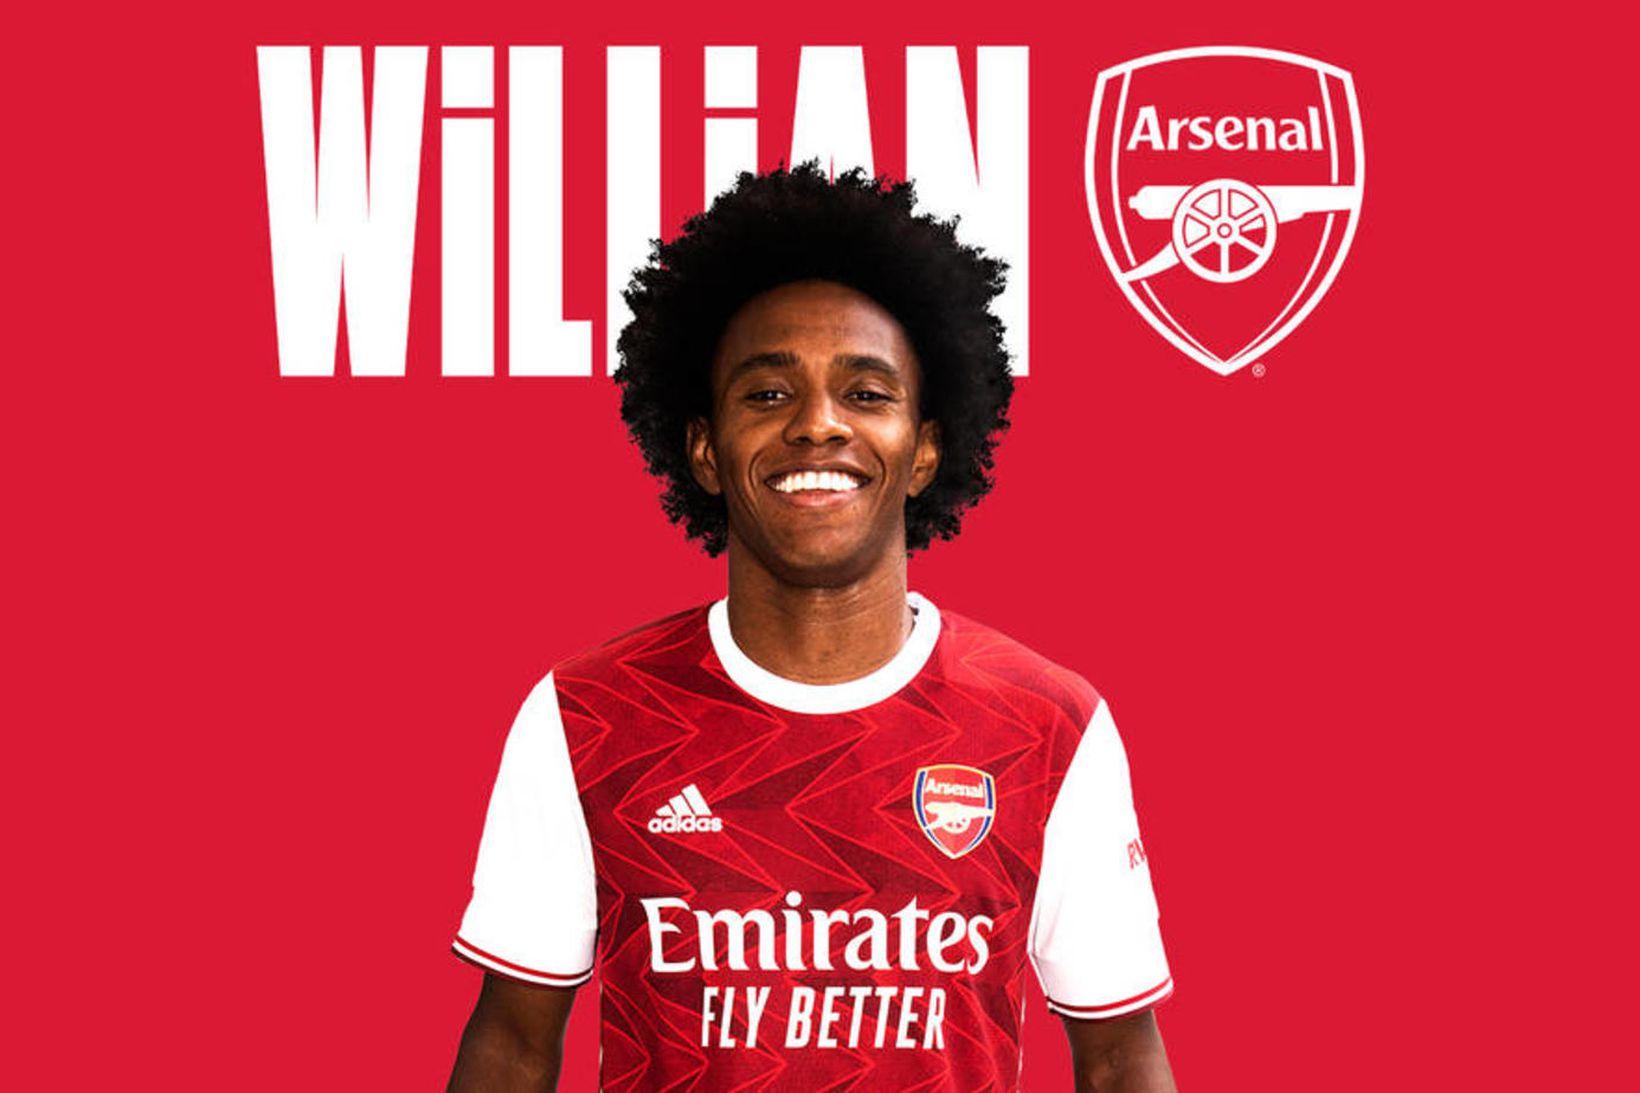 Willian er orðinn leikmaður Arsenal.